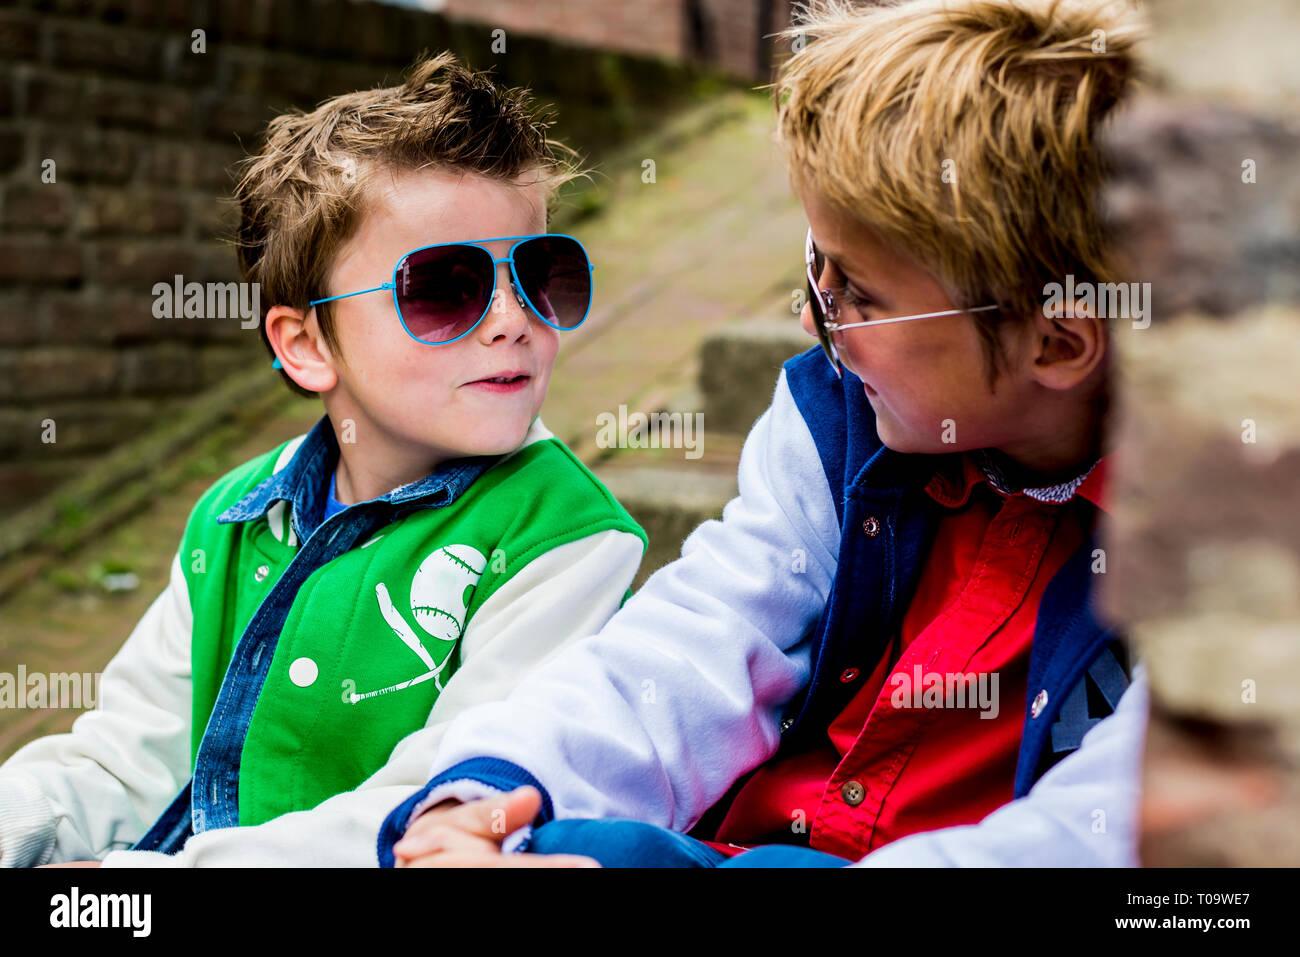 91c0ed72a Niños De Moda Imágenes De Stock & Niños De Moda Fotos De Stock - Alamy